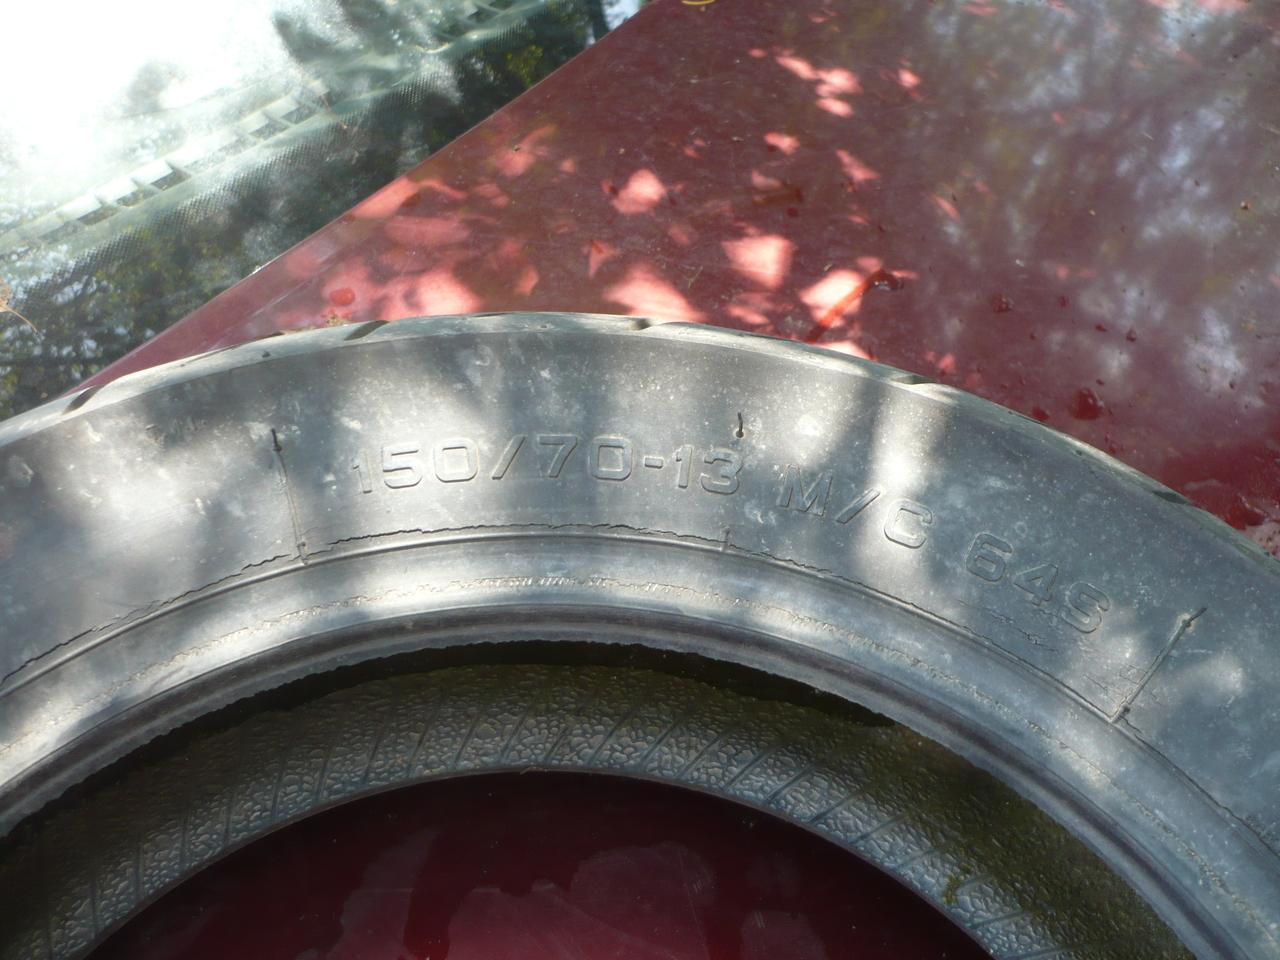 Cauciuc,Cauciucuri Pirelli diablo scroller 150 60 13 M/C